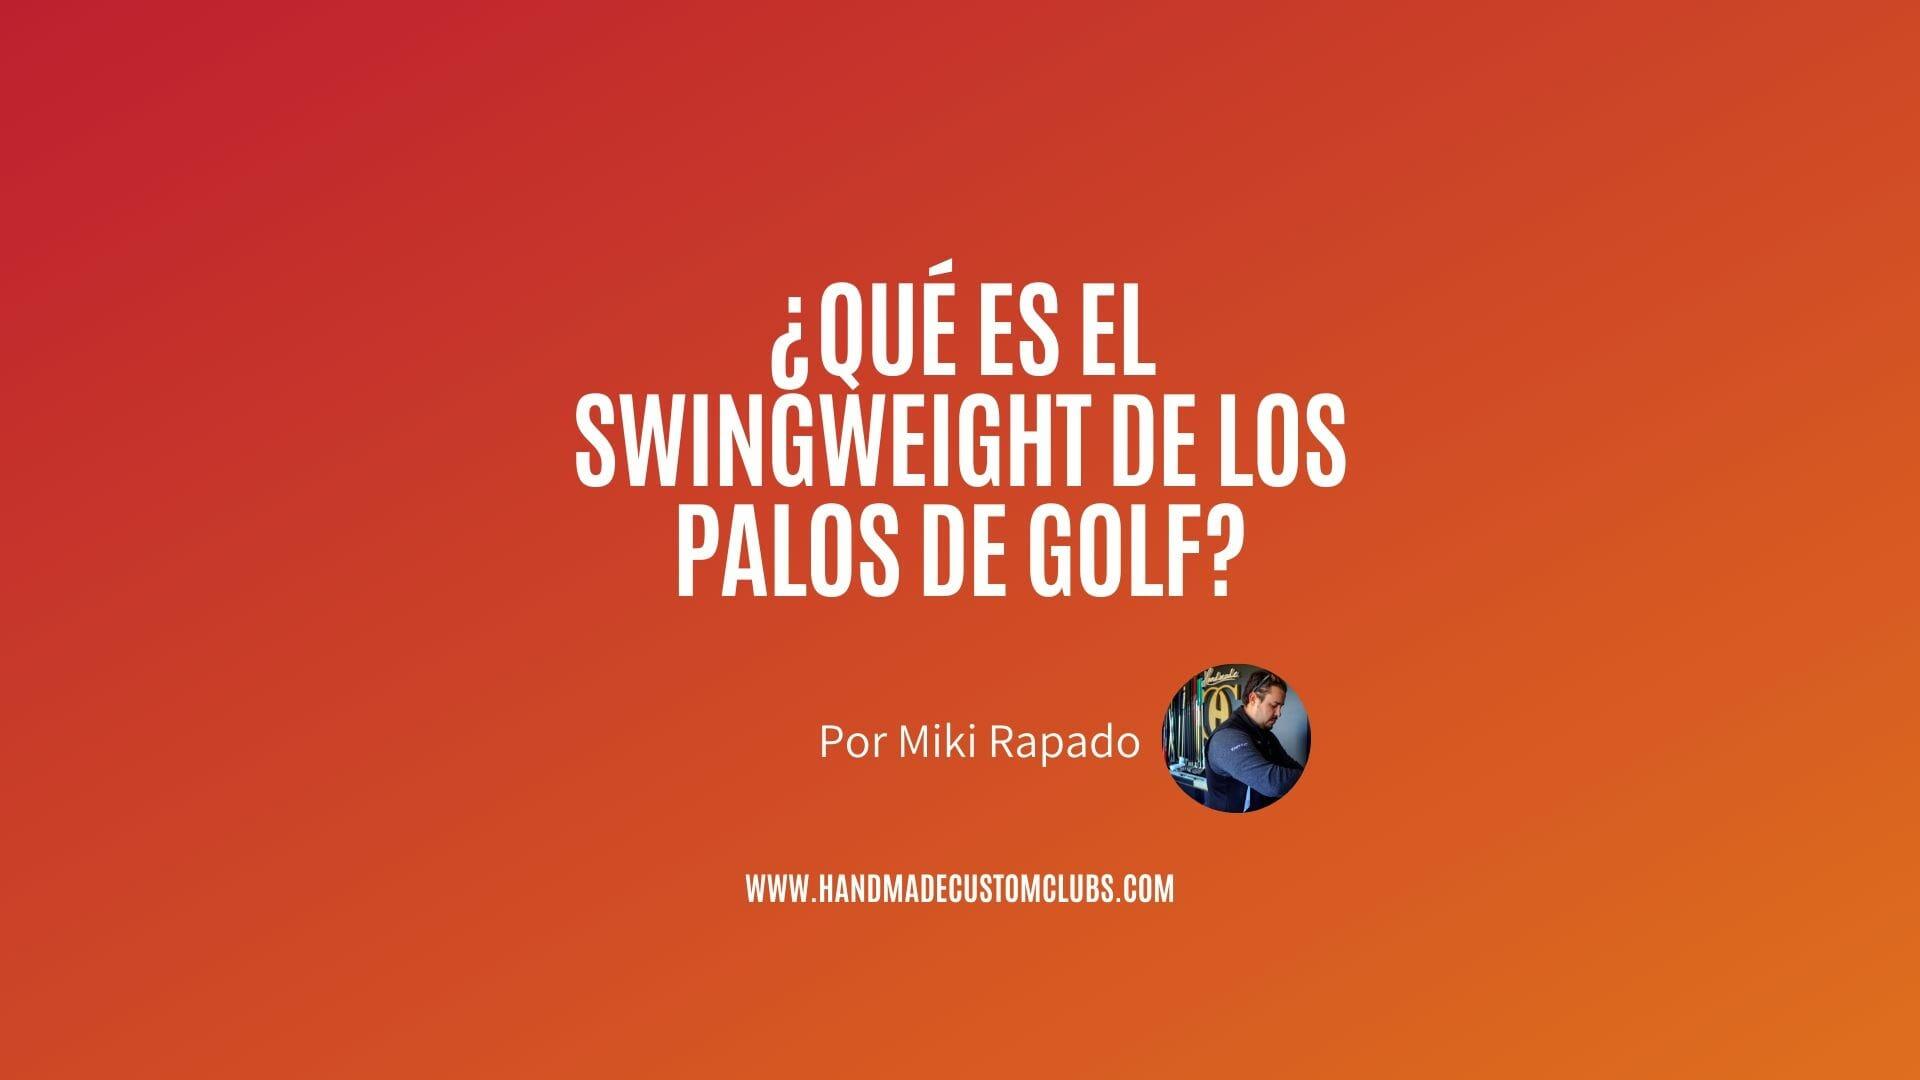 swingweight de los palos de golf